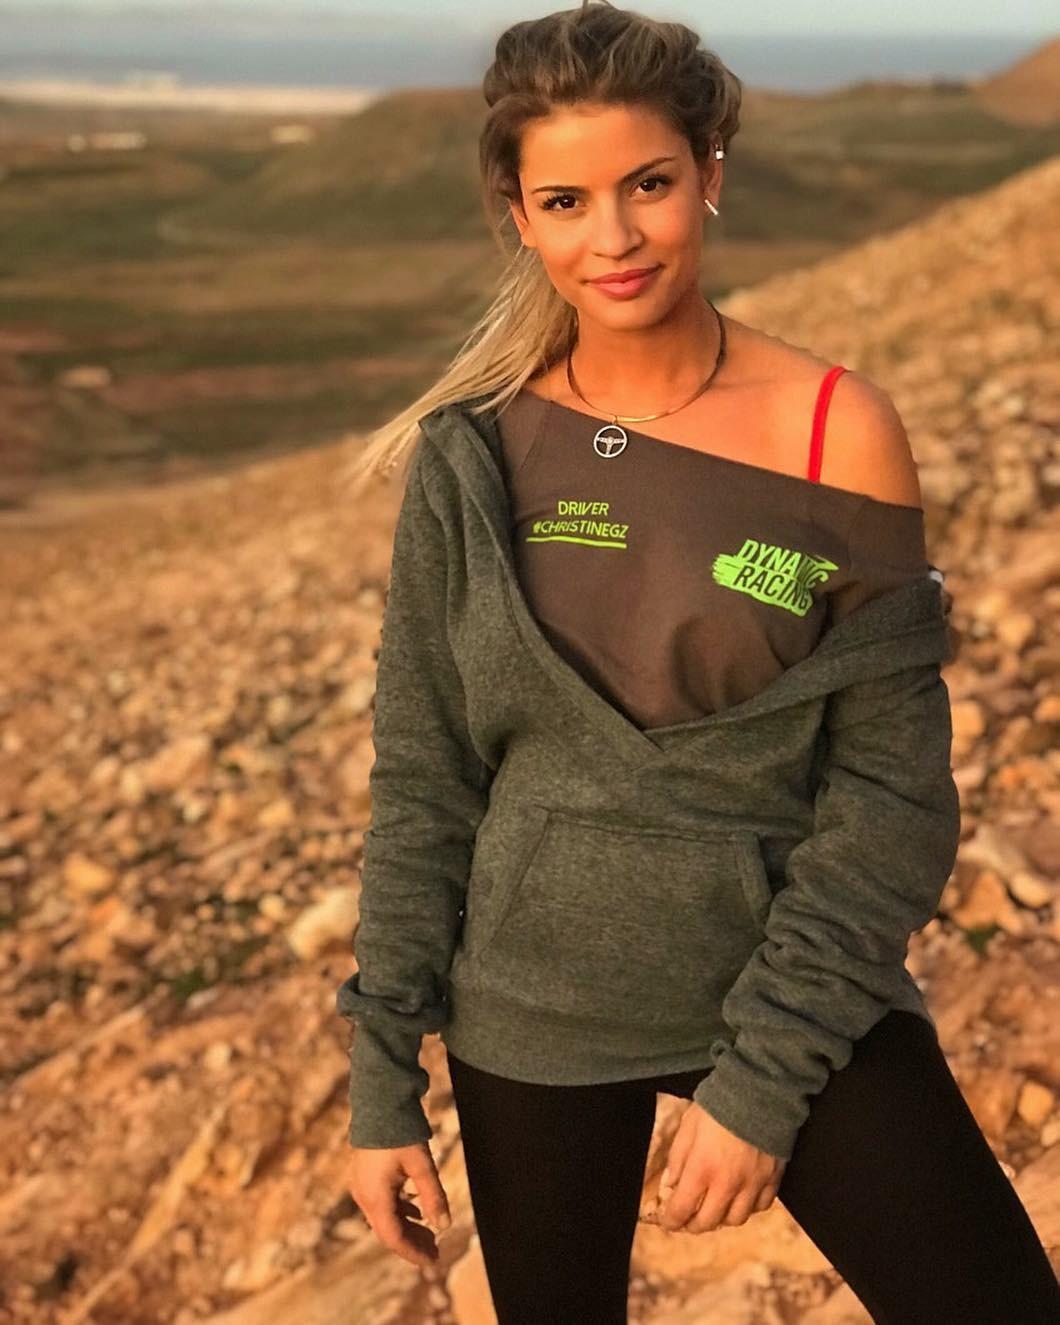 Ngắm nhìn vẻ đẹp thể thao khỏe khoắn của nữ tay đua Christine Giampaoli Zonca - 8